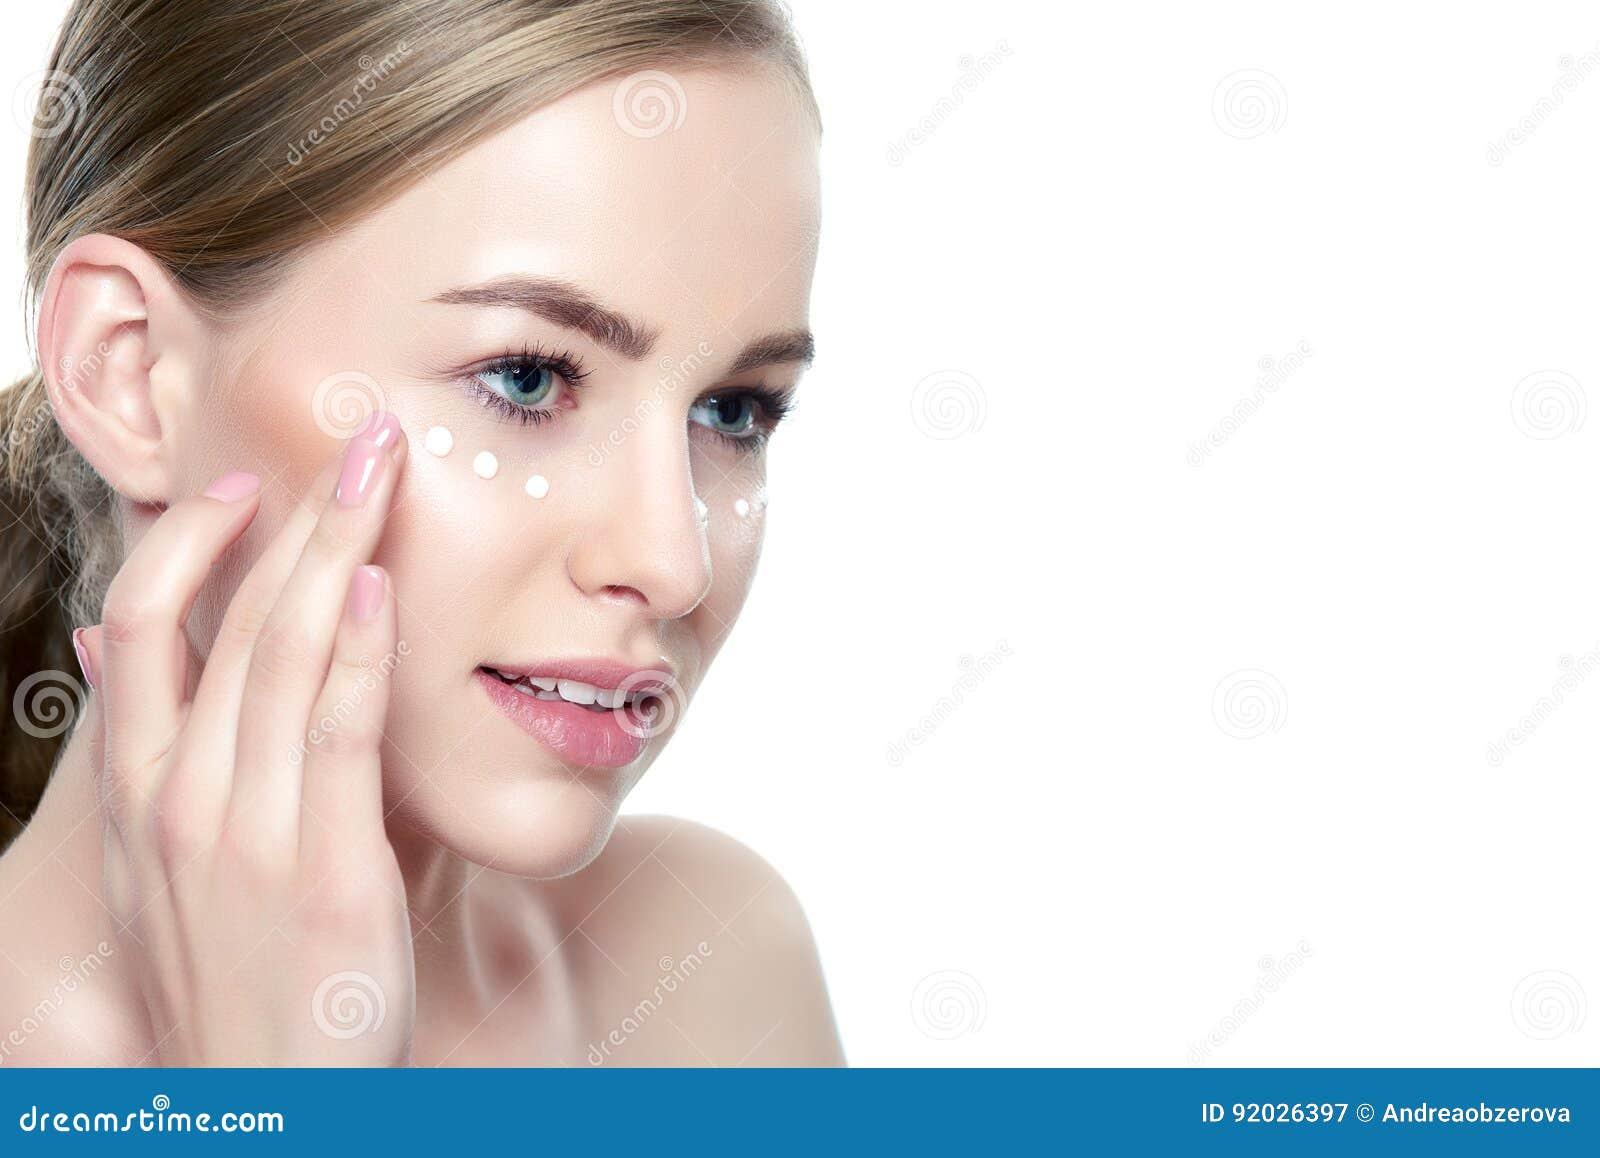 Schöne junge blonde Frau, die Gesichtscreme unter ihren Augen aufträgt Gesichtsbehandlung Cosmetology, Schönheit und Badekurortko